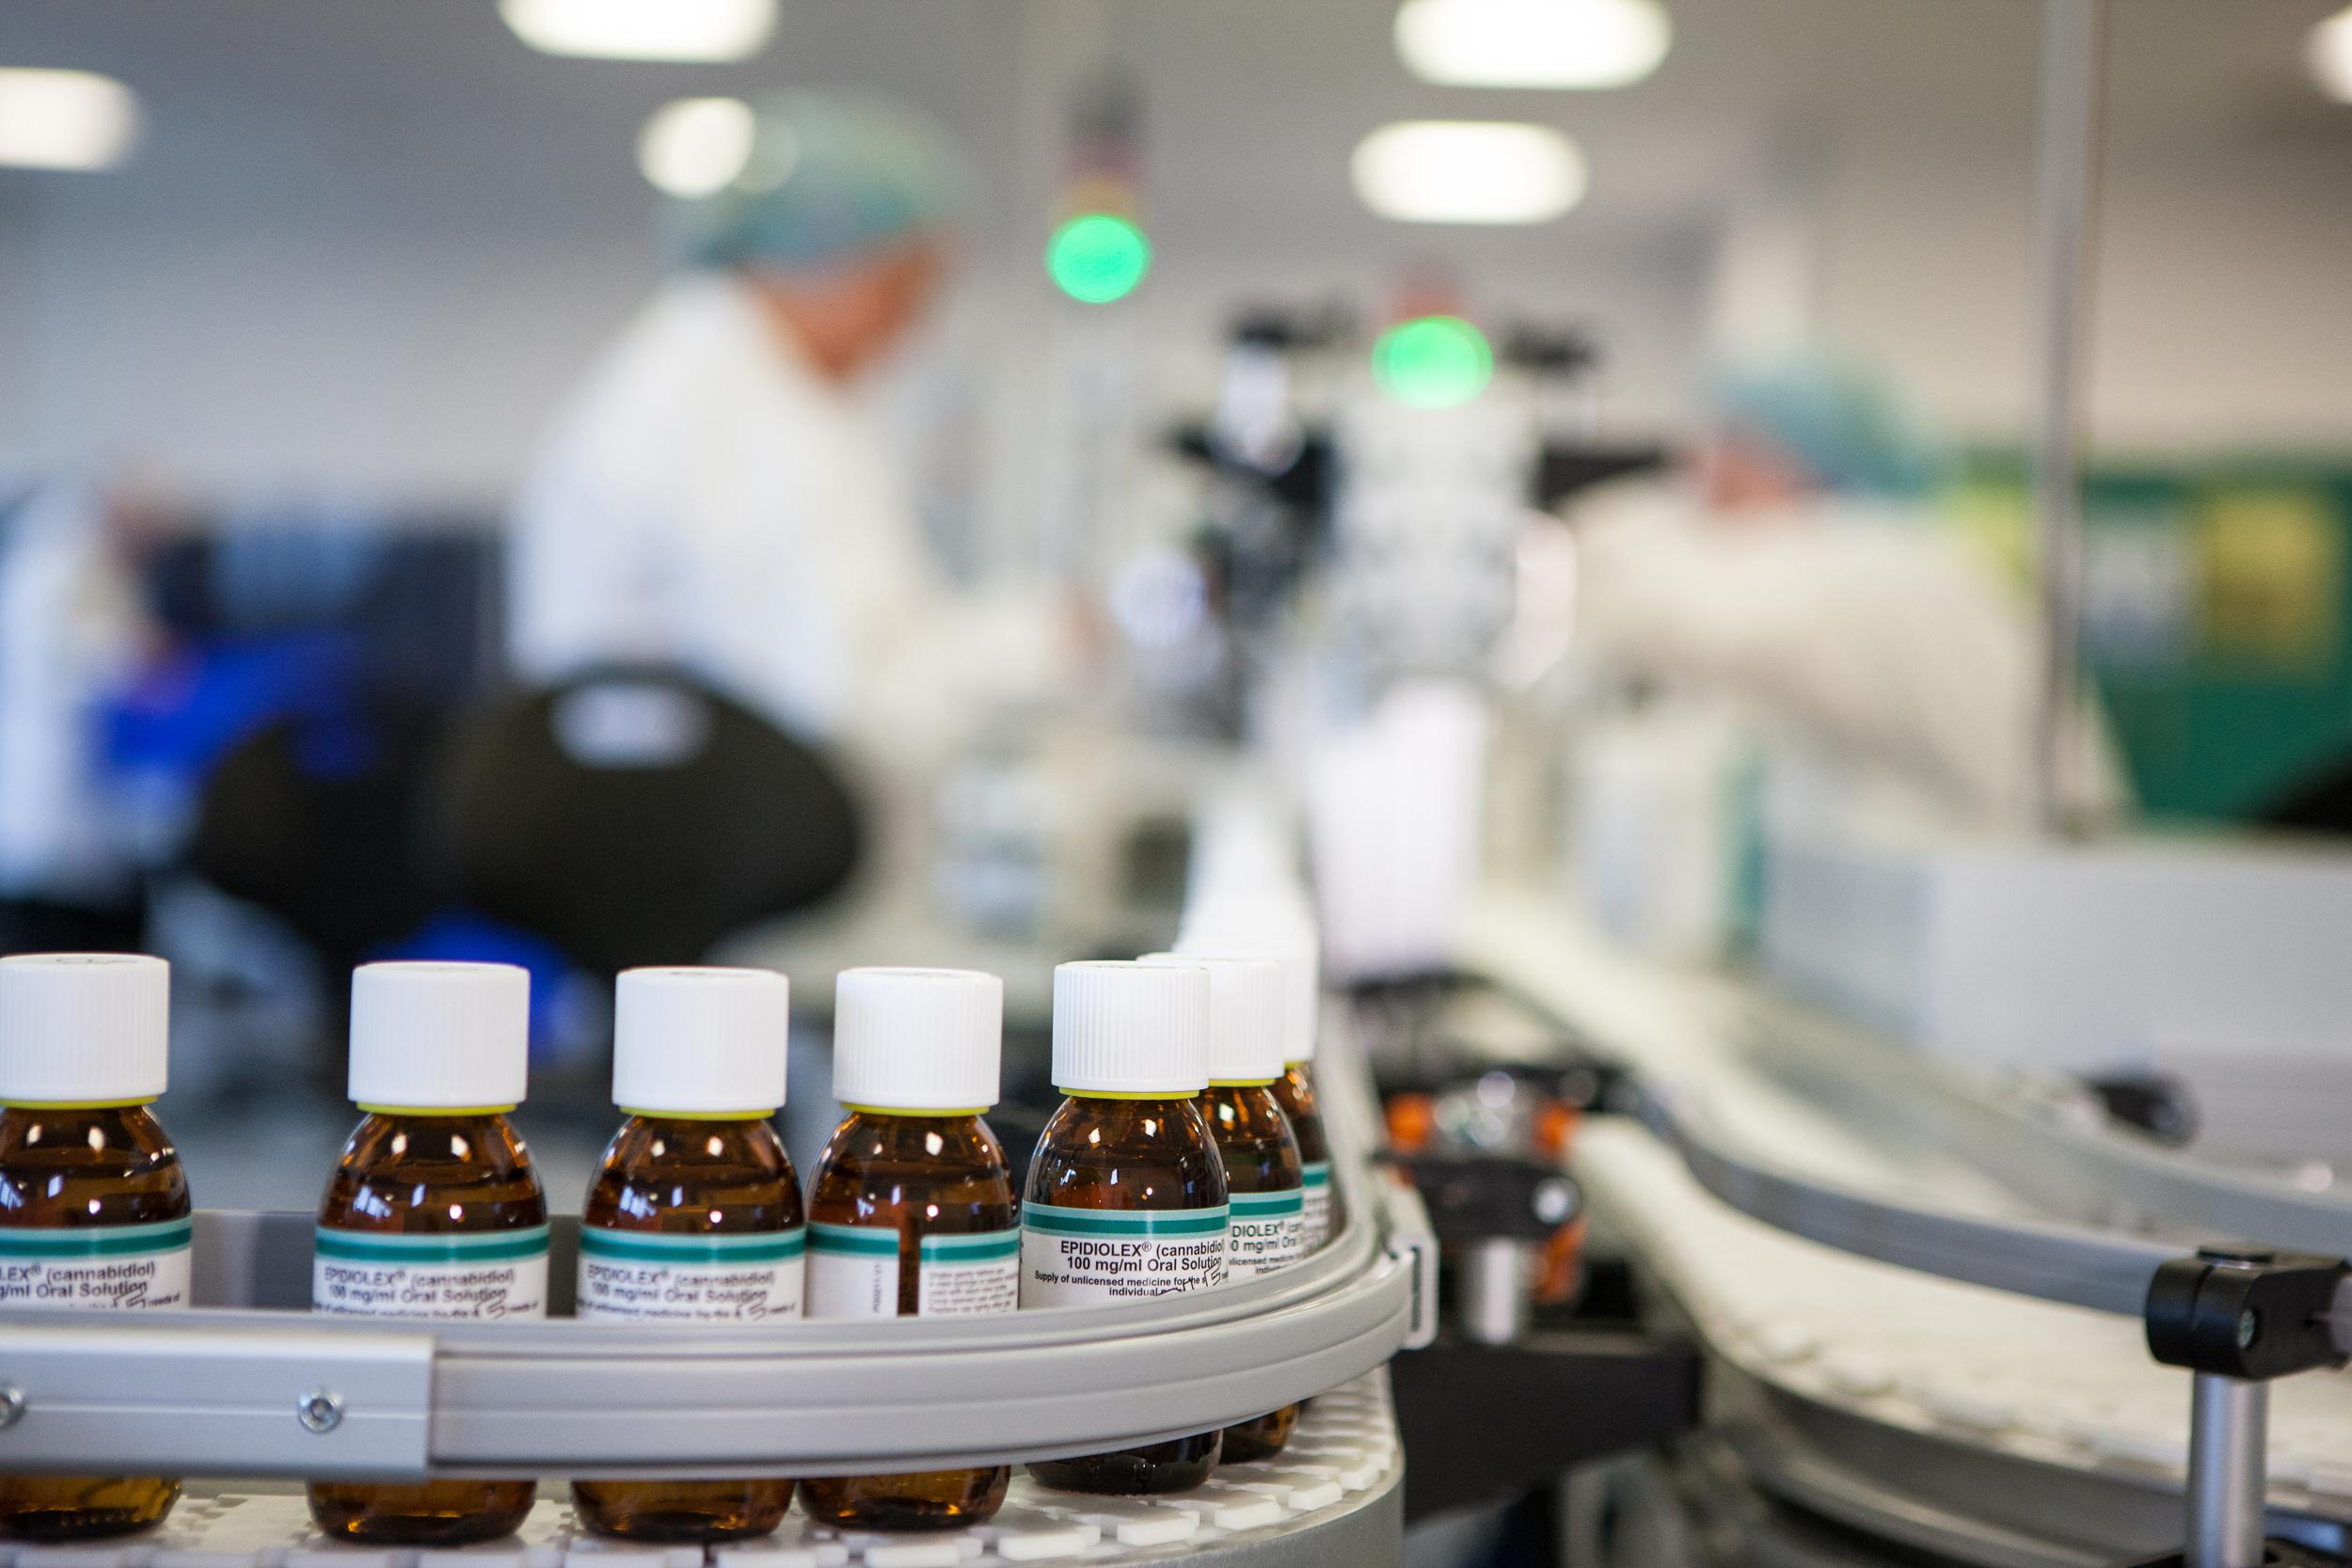 FDA advisers recommend cannabis derivative medicine